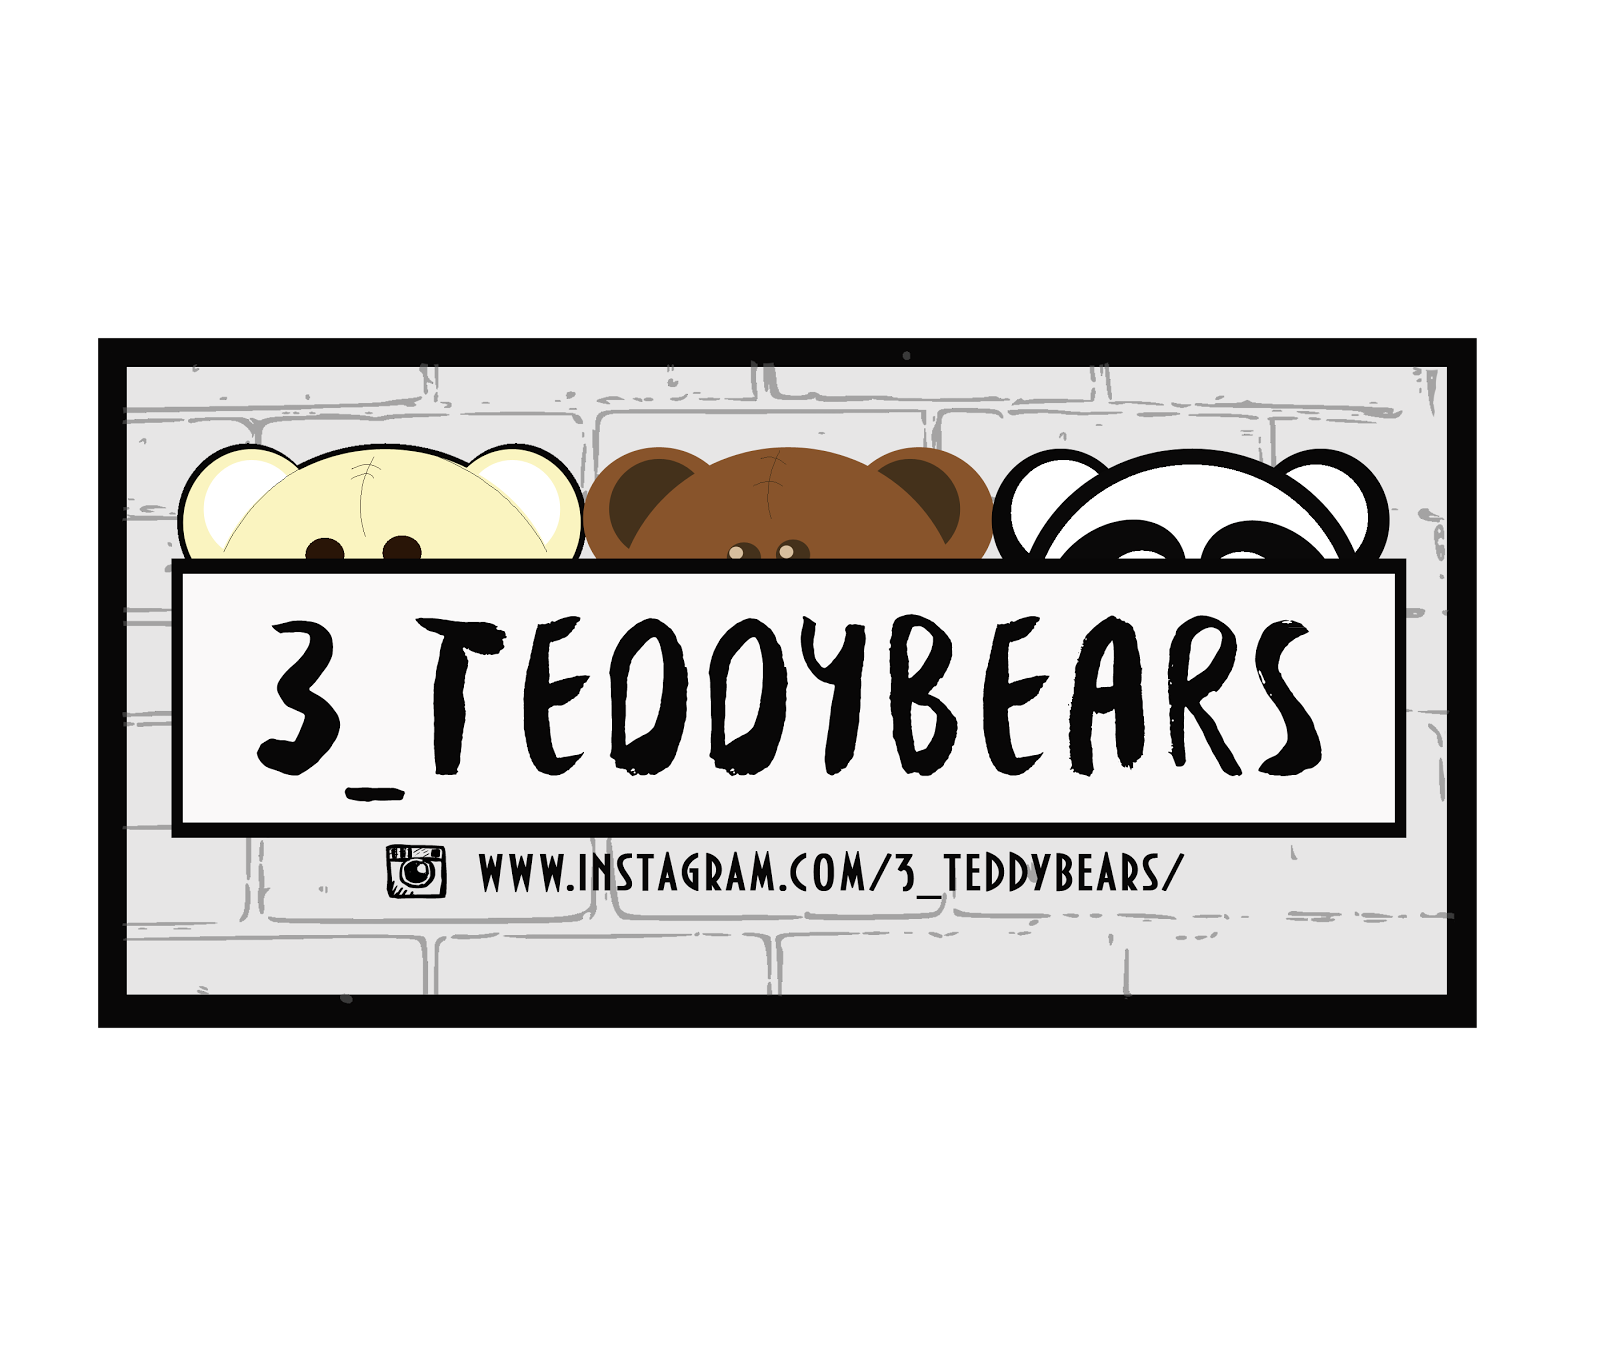 3_teddybears